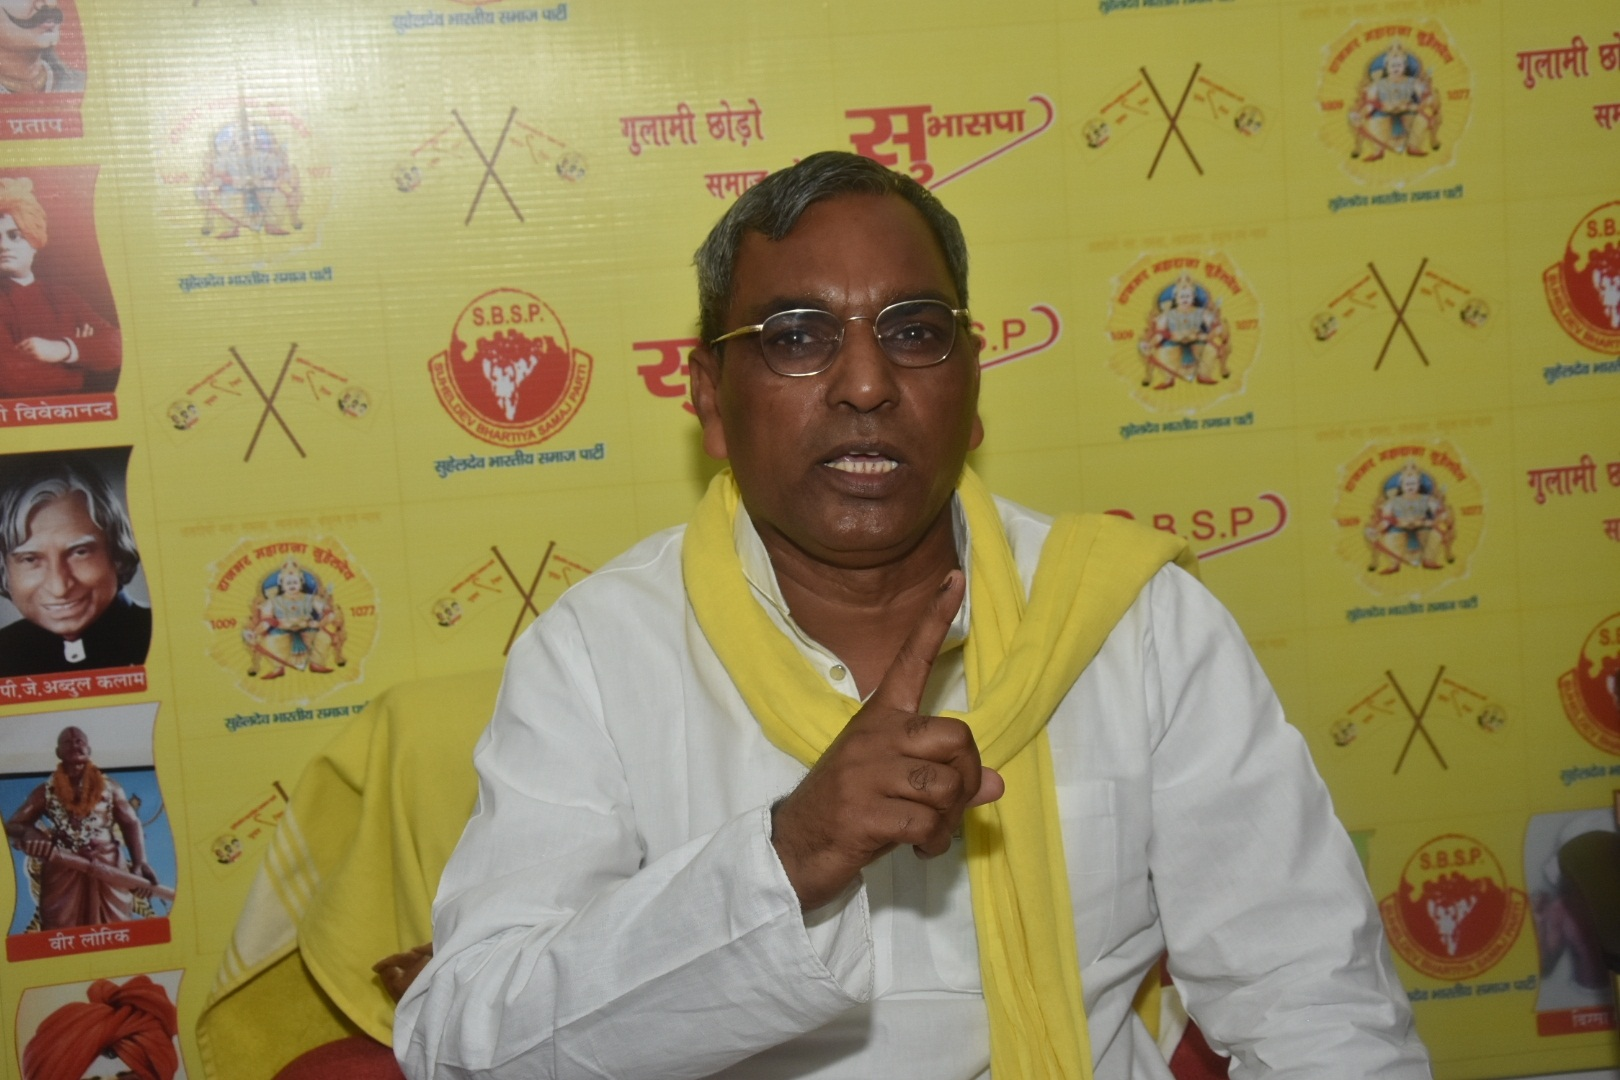 Om Prakash Rajbhar, Yogi Adityanath, Ram Naik, Suheldev Bhartiya Samaj Party, SBSP chief, UP Chief Minister, Uttar Pradesh news, Politics news